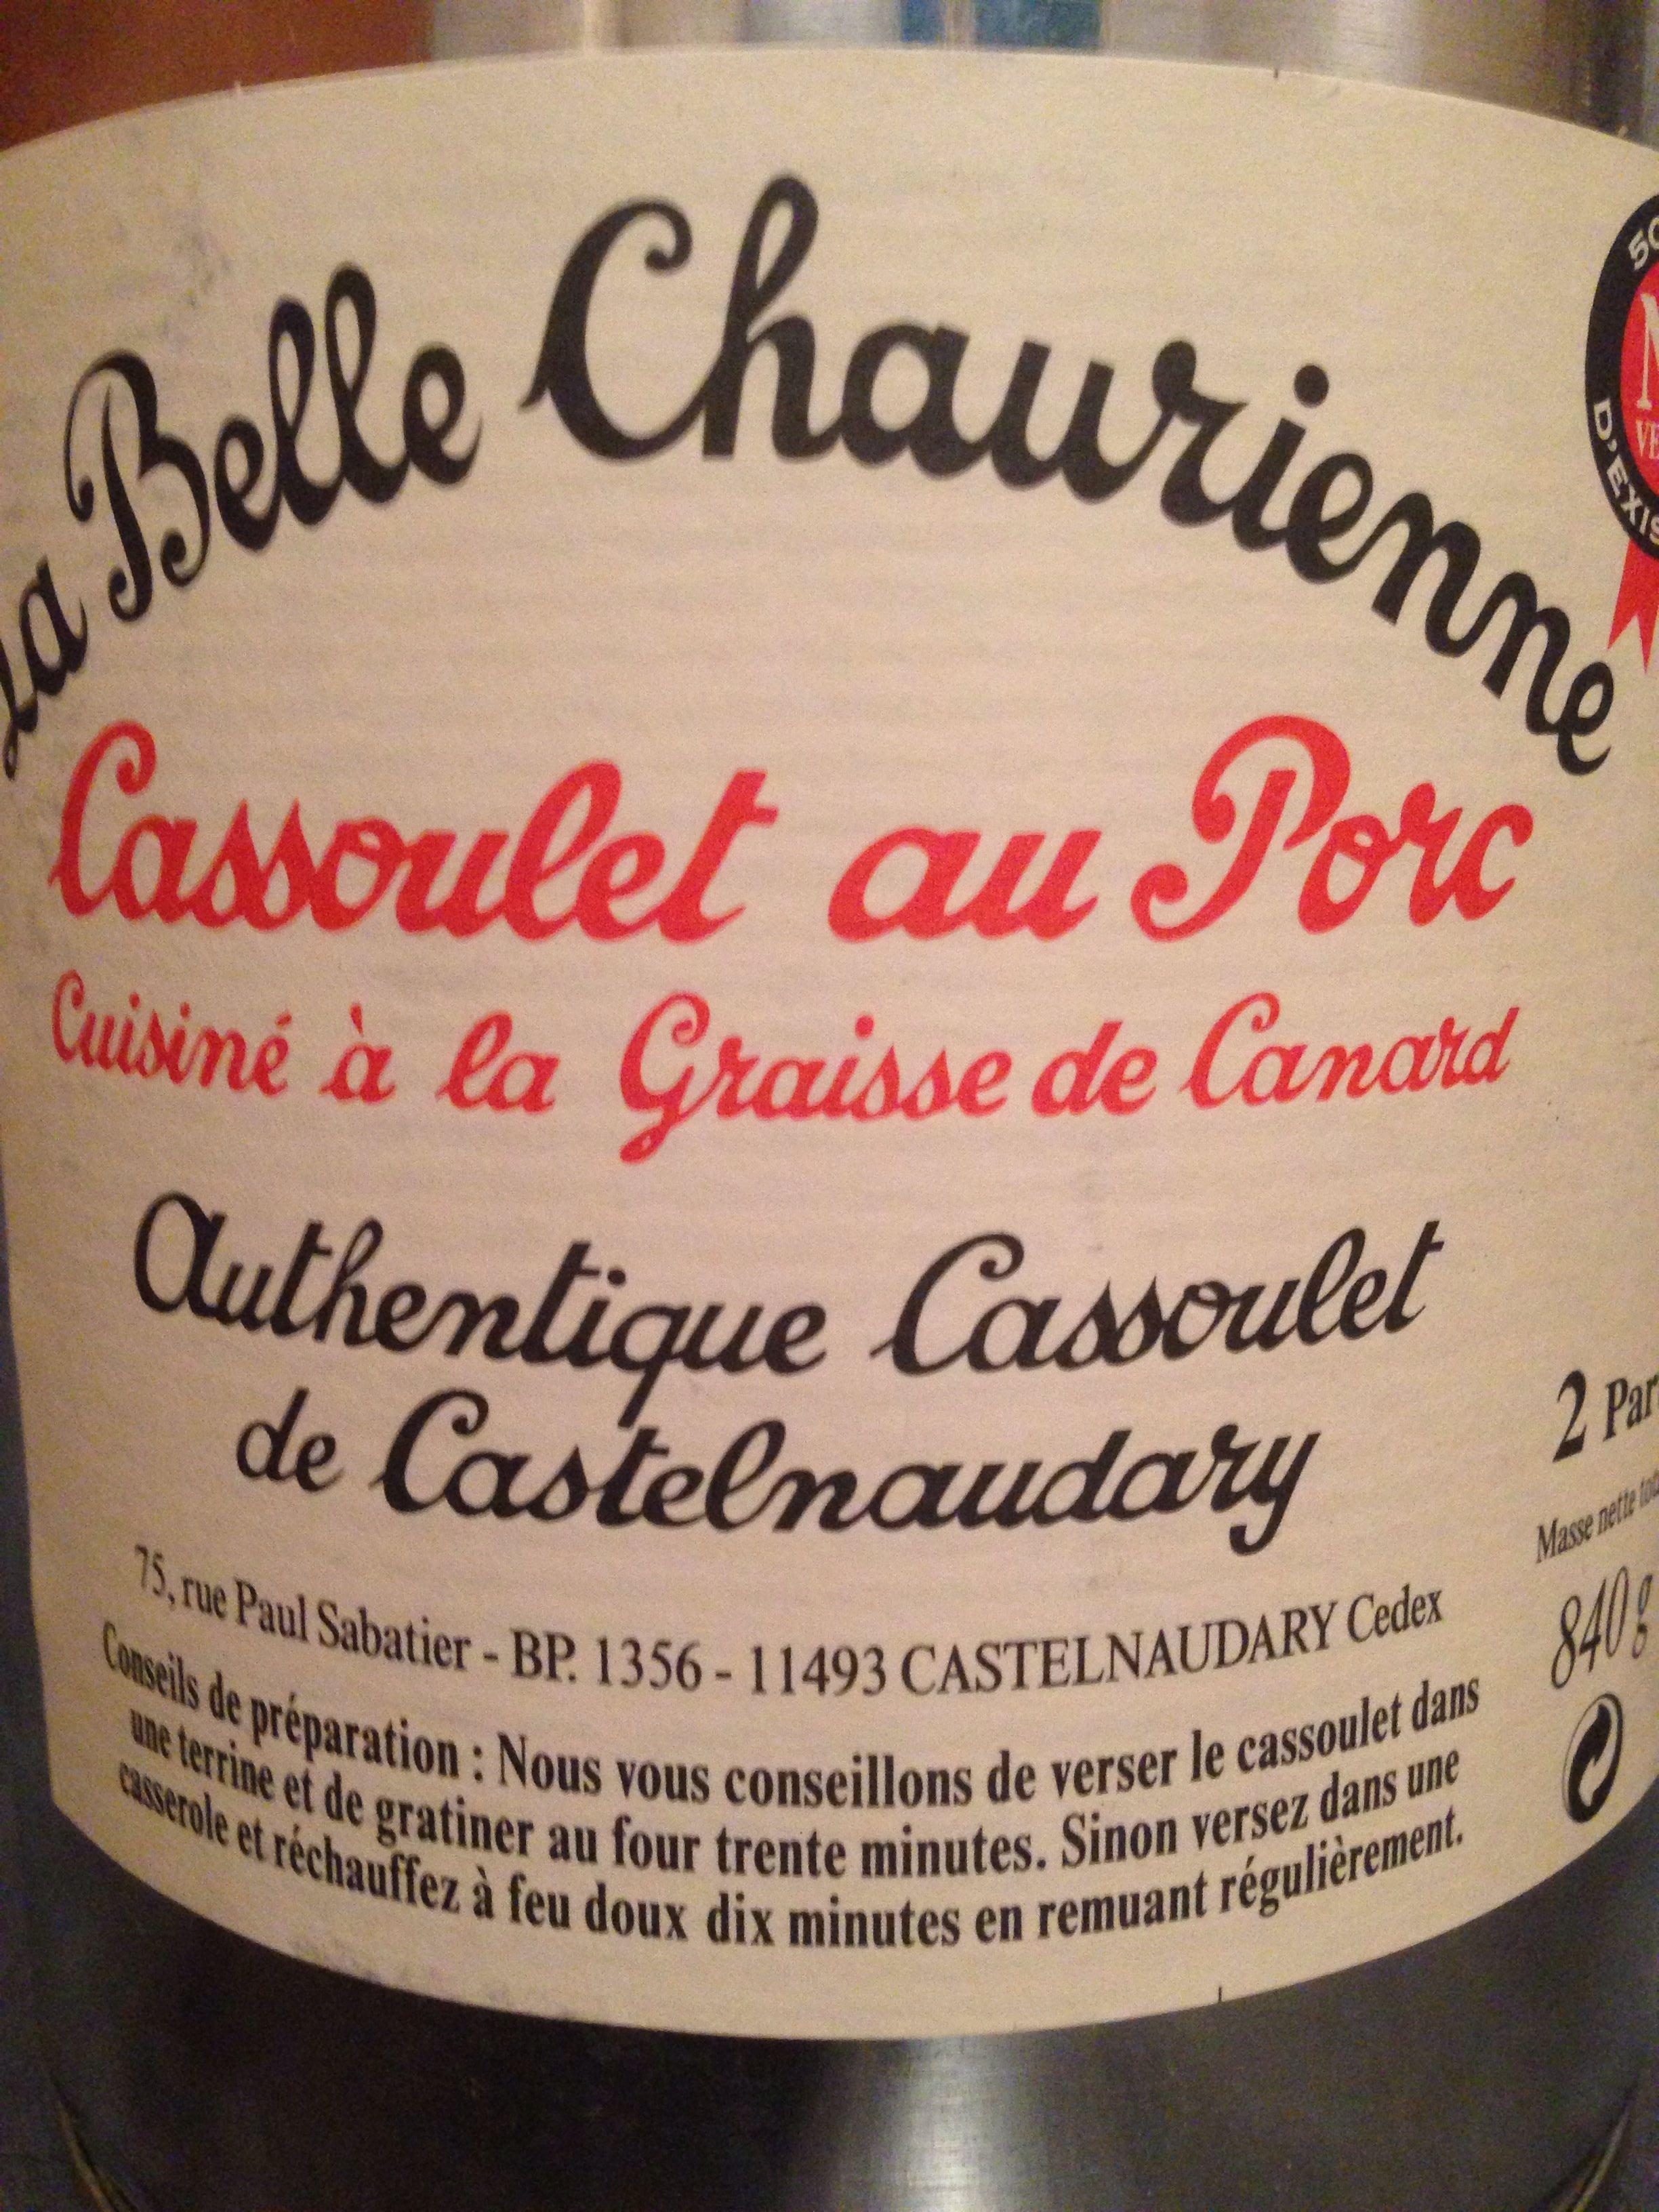 Cassoulet au Porc - Cuisiné à la Graisse de Canard - Authentique Cassoulet de Castelnaudary - Produit